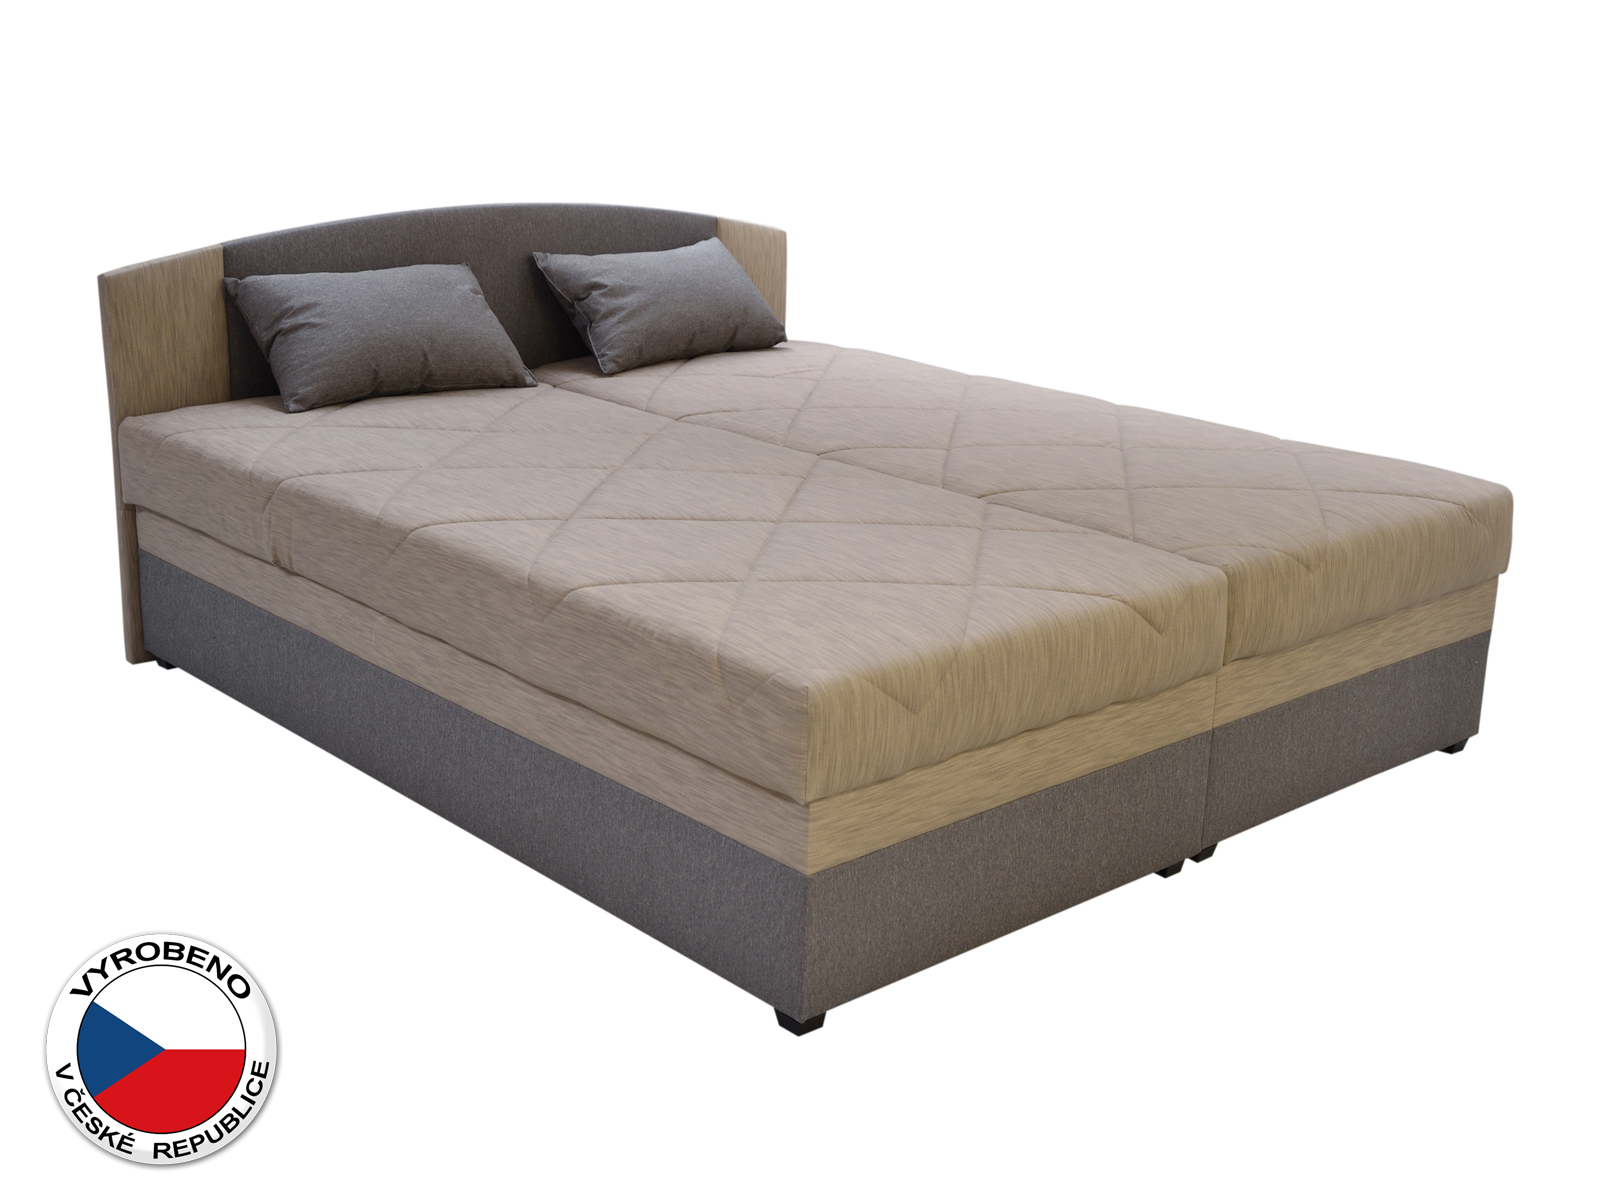 Manželská postel 160 cm - Blanár - Kappa (béžová + hnědá) (s roštem a matrací)